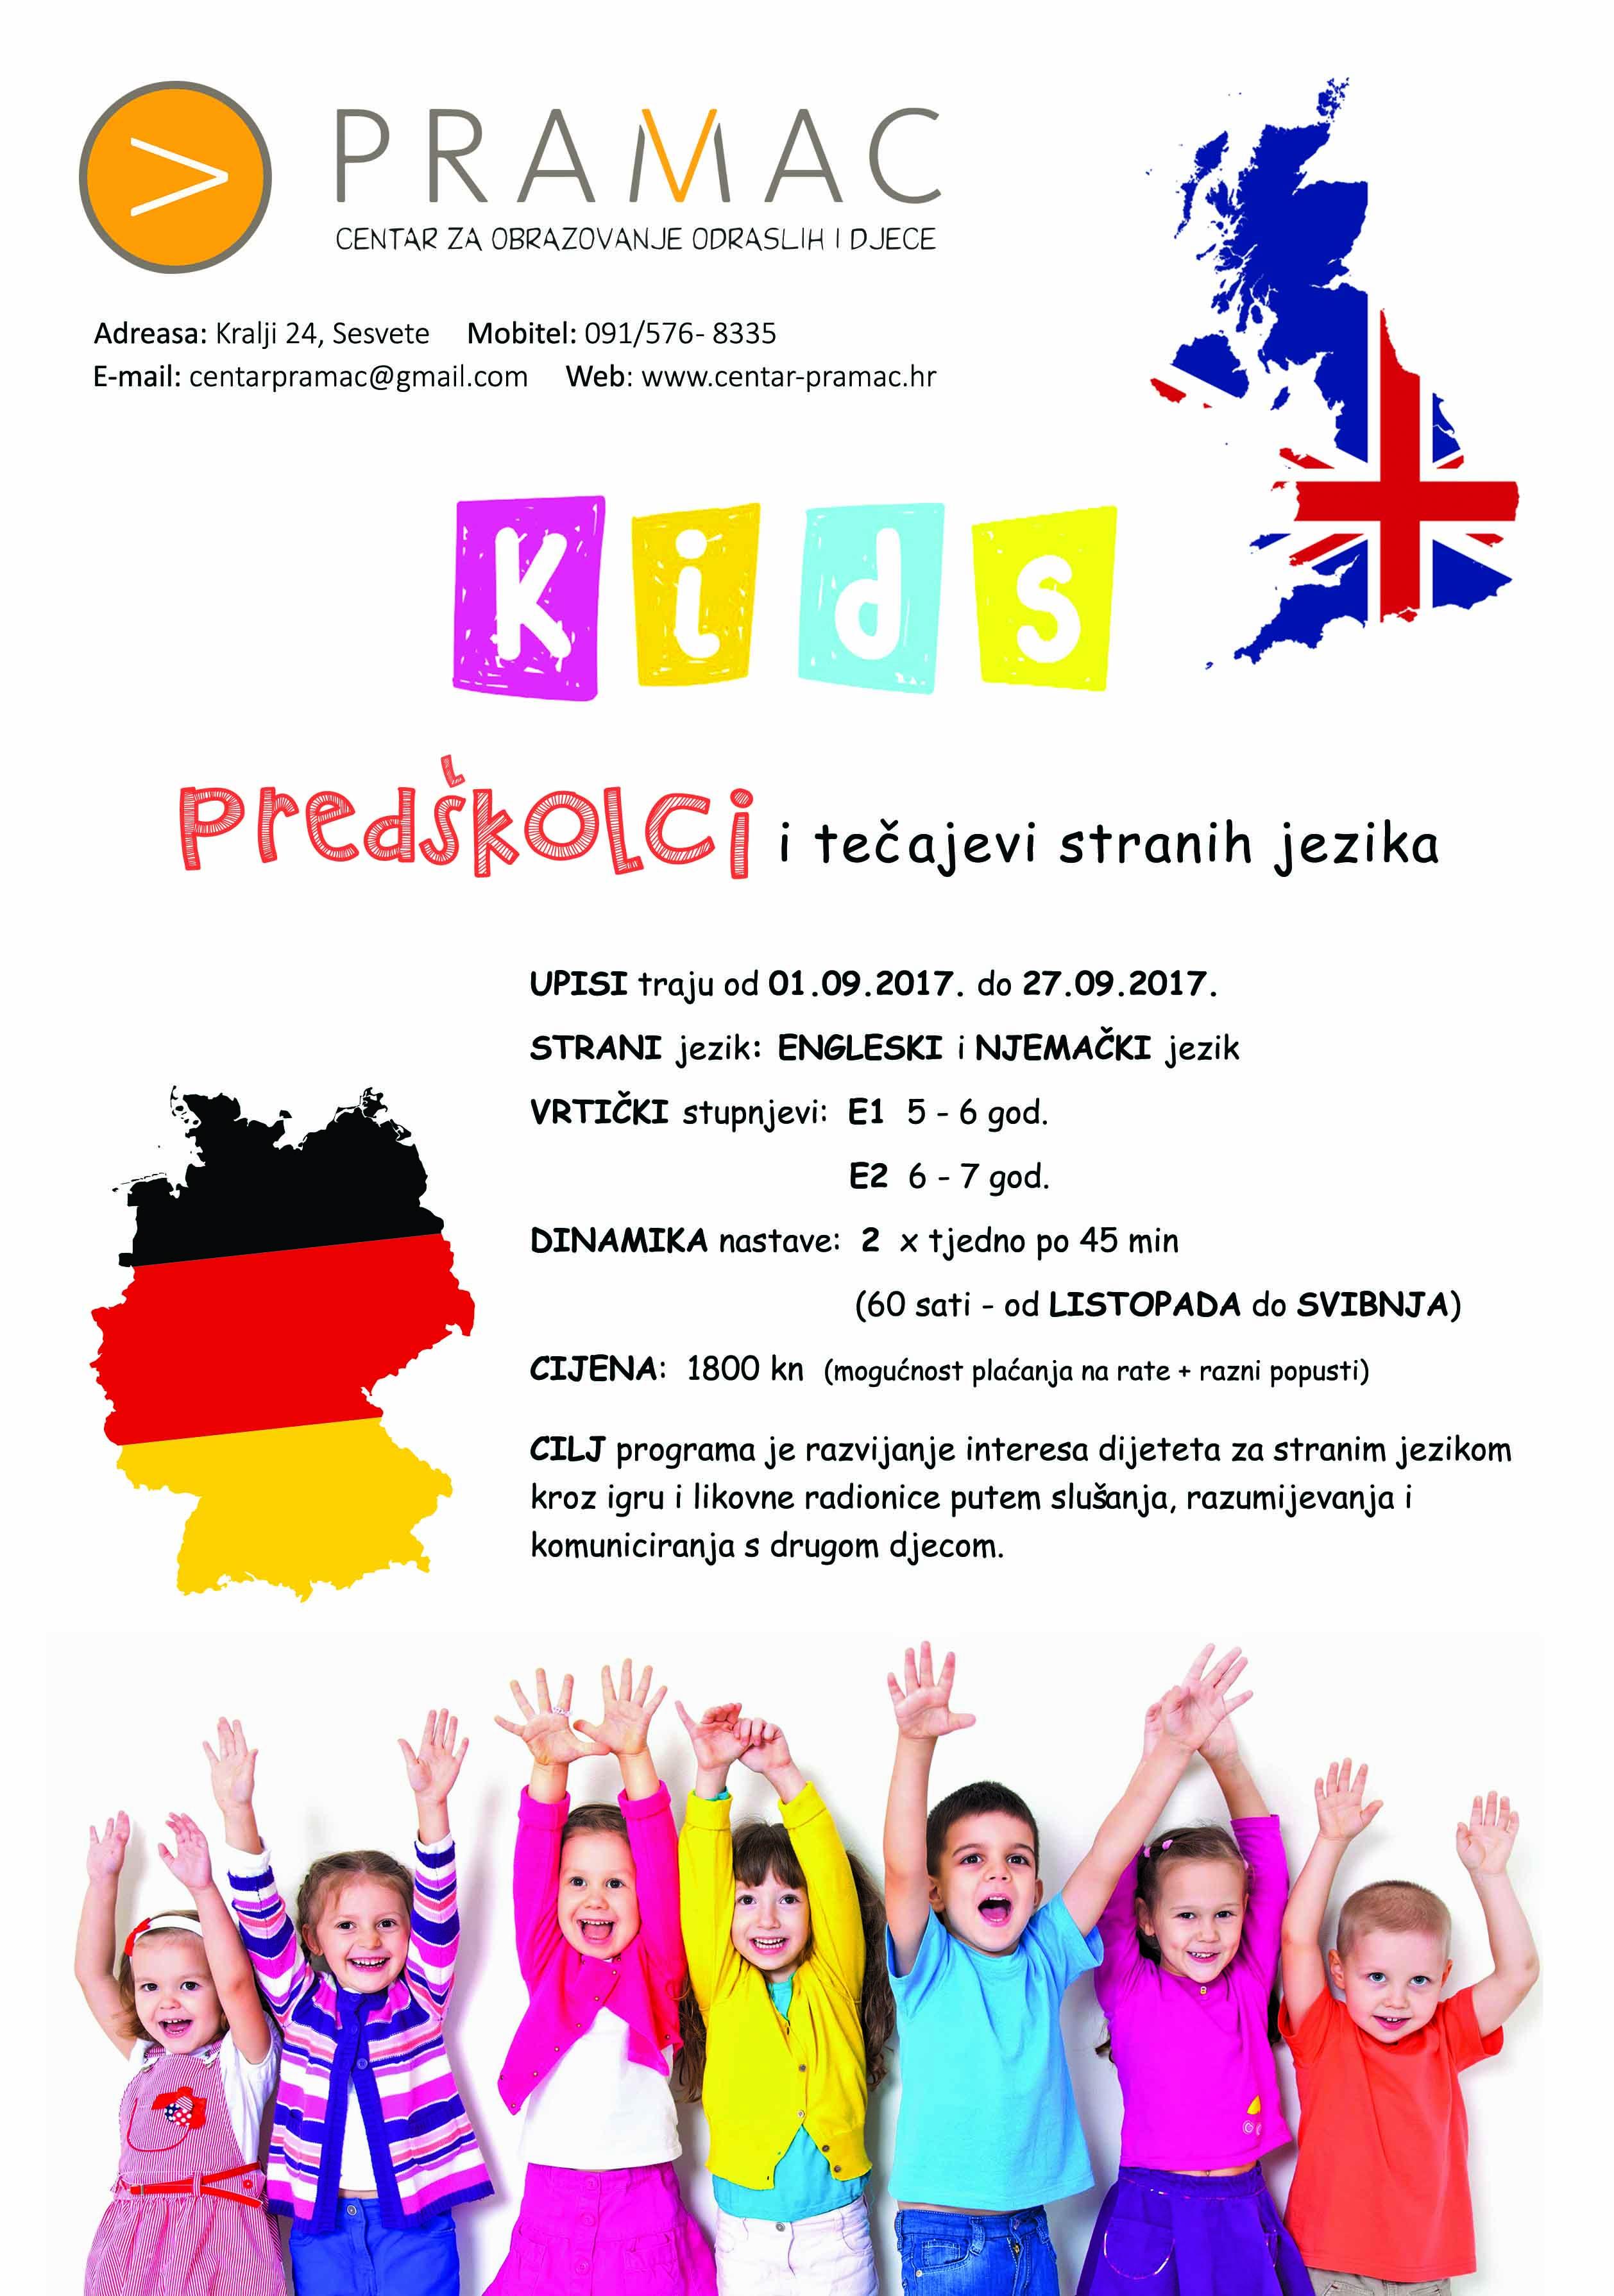 PREDŠKOLCI - tečaj stranog jezika - plakat - 2017 - manja rezolucija